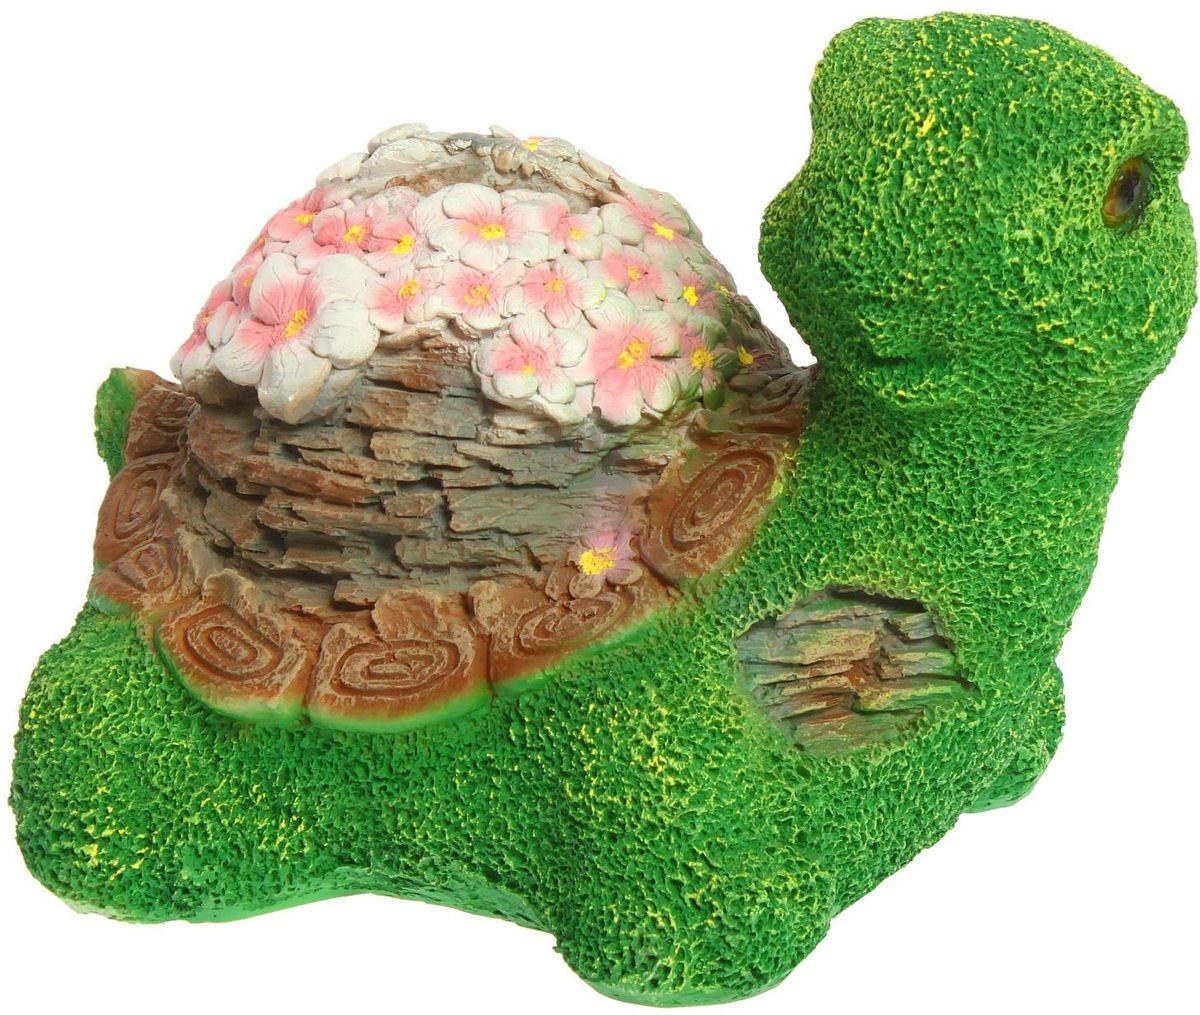 Фигура садовая Черепаха с цветочками, 26 х 35 х 28 см531-105Создайте настроение в любимом саду: украсьте его оригинальным декором. Представители фауны разнообразят ландшафт. Гармоничнее всего фигуры будут смотреться в местах природного обитания: например, белочки — вблизи деревьев, а лягушки — у водоёмов.Сделайте свой сад неповторимым. Разрабатывайте собственный дизайн и расставляйте акценты. Хотите привлечь внимание к клумбе? Поставьте садовую фигуру рядом с ней. А расположенная прямо у калитки, она будет приятно удивлять гостей. Такой декор легко замаскирует неприглядные детали на участке.Садовая фигура из полистоуна (искусственного камня) — оптимальное решение для уличных условий. Этот материал не выцветает на солнце, даже если находится под воздействием ультрафиолета круглый год. Искусственный камень имеет низкую пористость, поэтому ему не страшна влага и на нём не появятся трещины. Садовая фигура будет хранить красоту сада долгие годы.